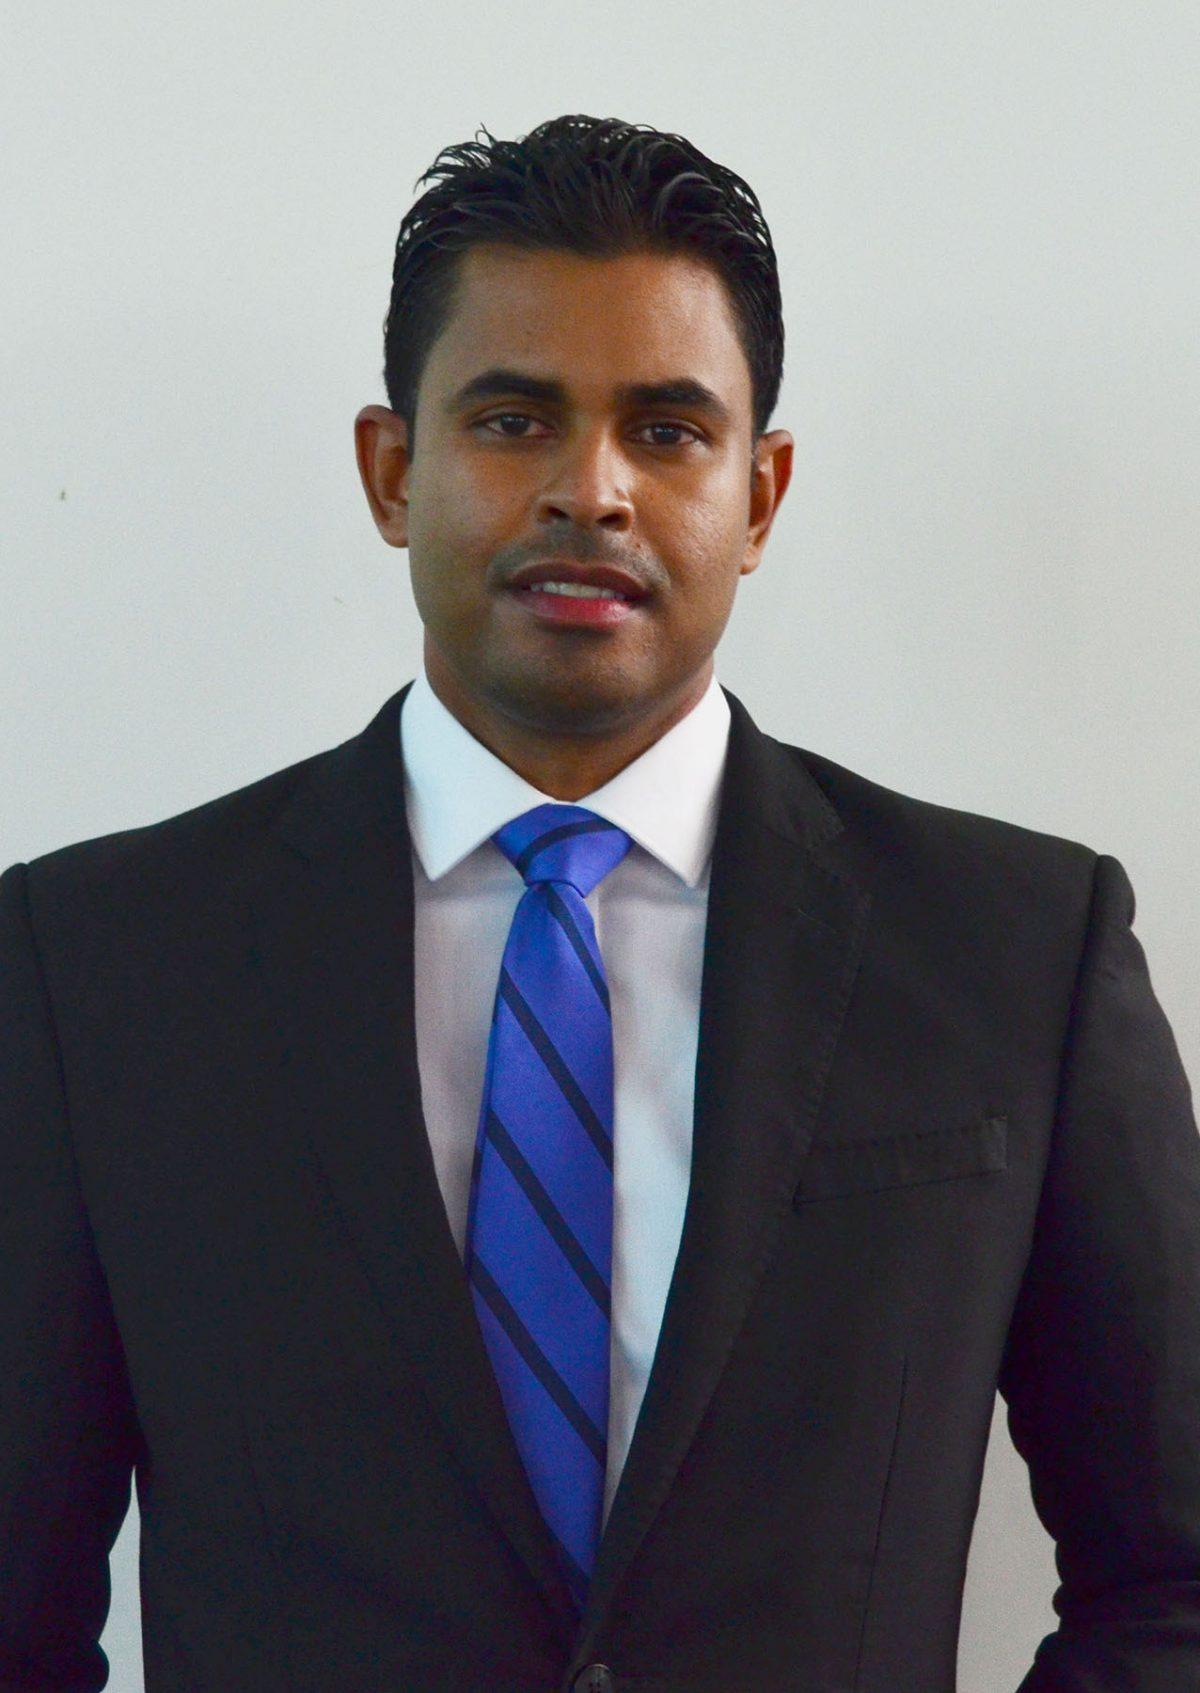 Charles Ramson Jr